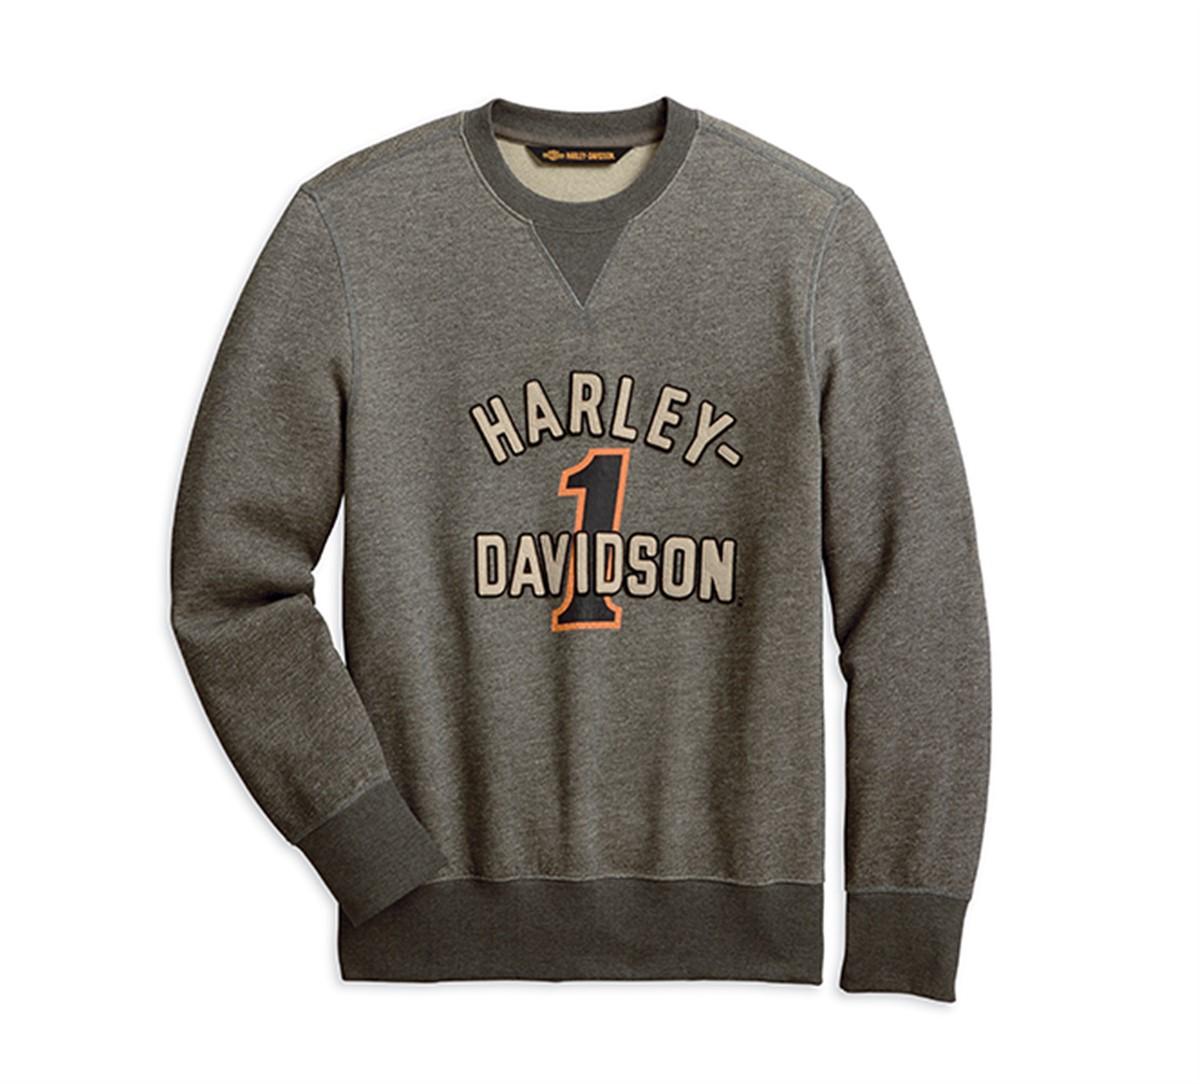 Harley Davidson Mens Old Racer T-Shirt Black Swansea Wales